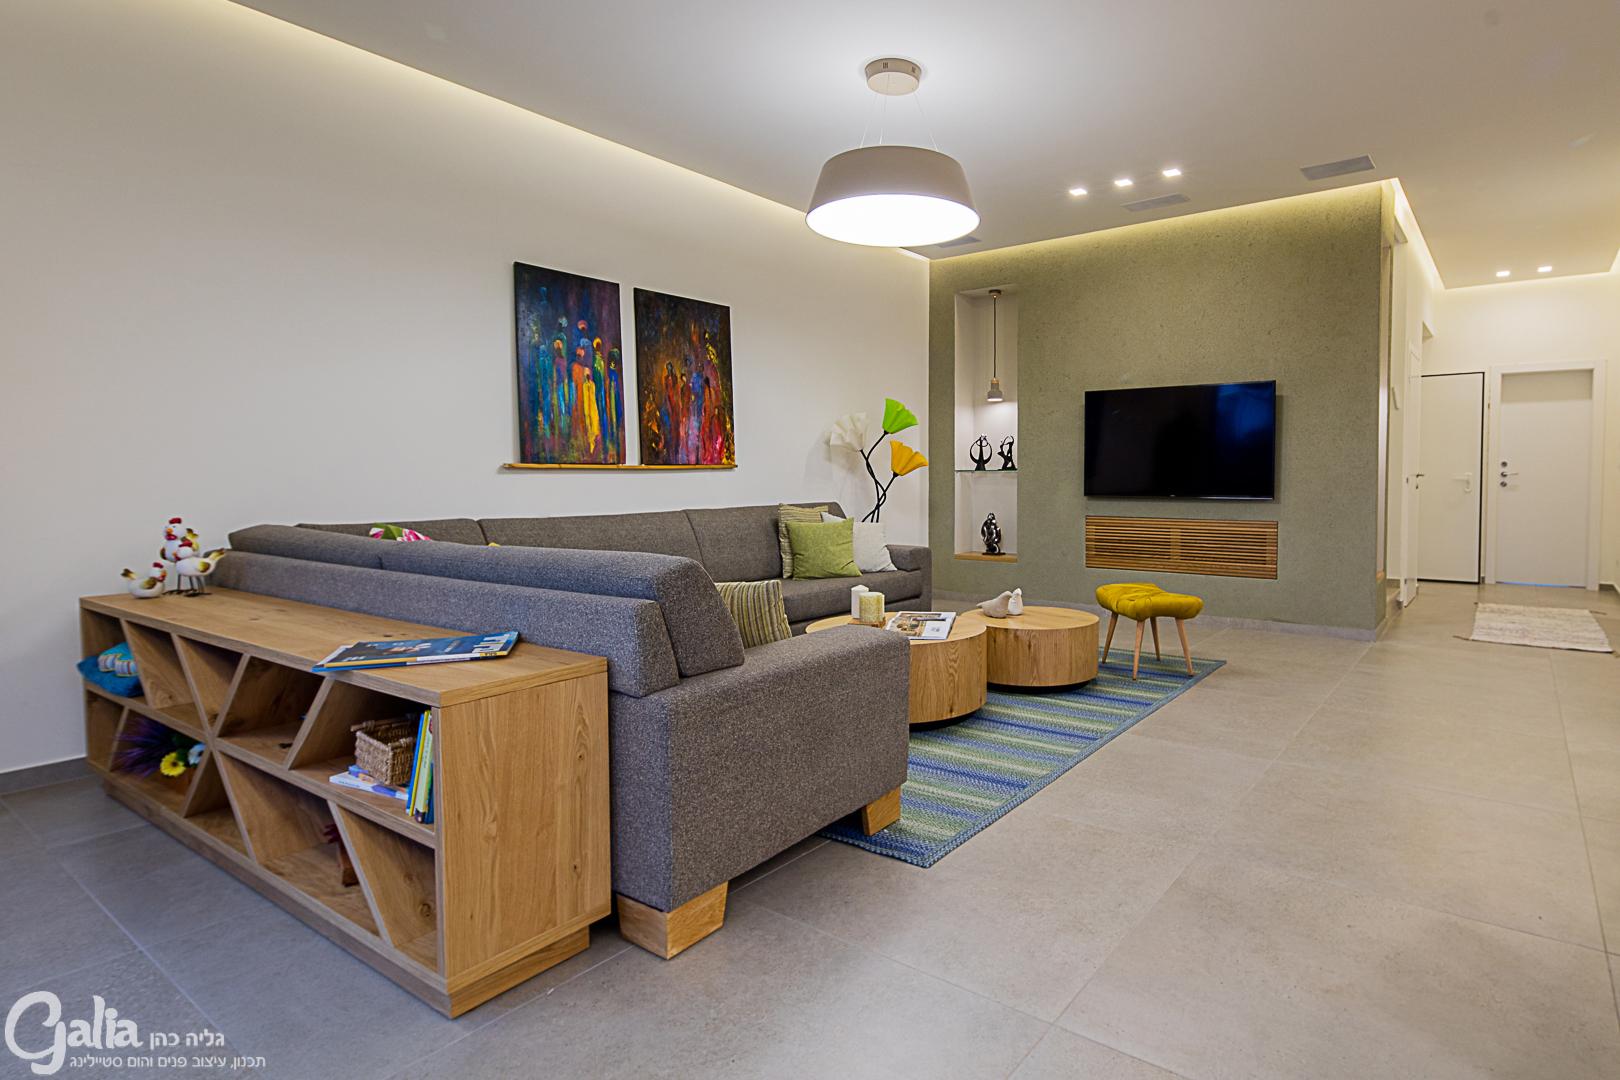 סלון עם ספה ומזנון בגב הספה